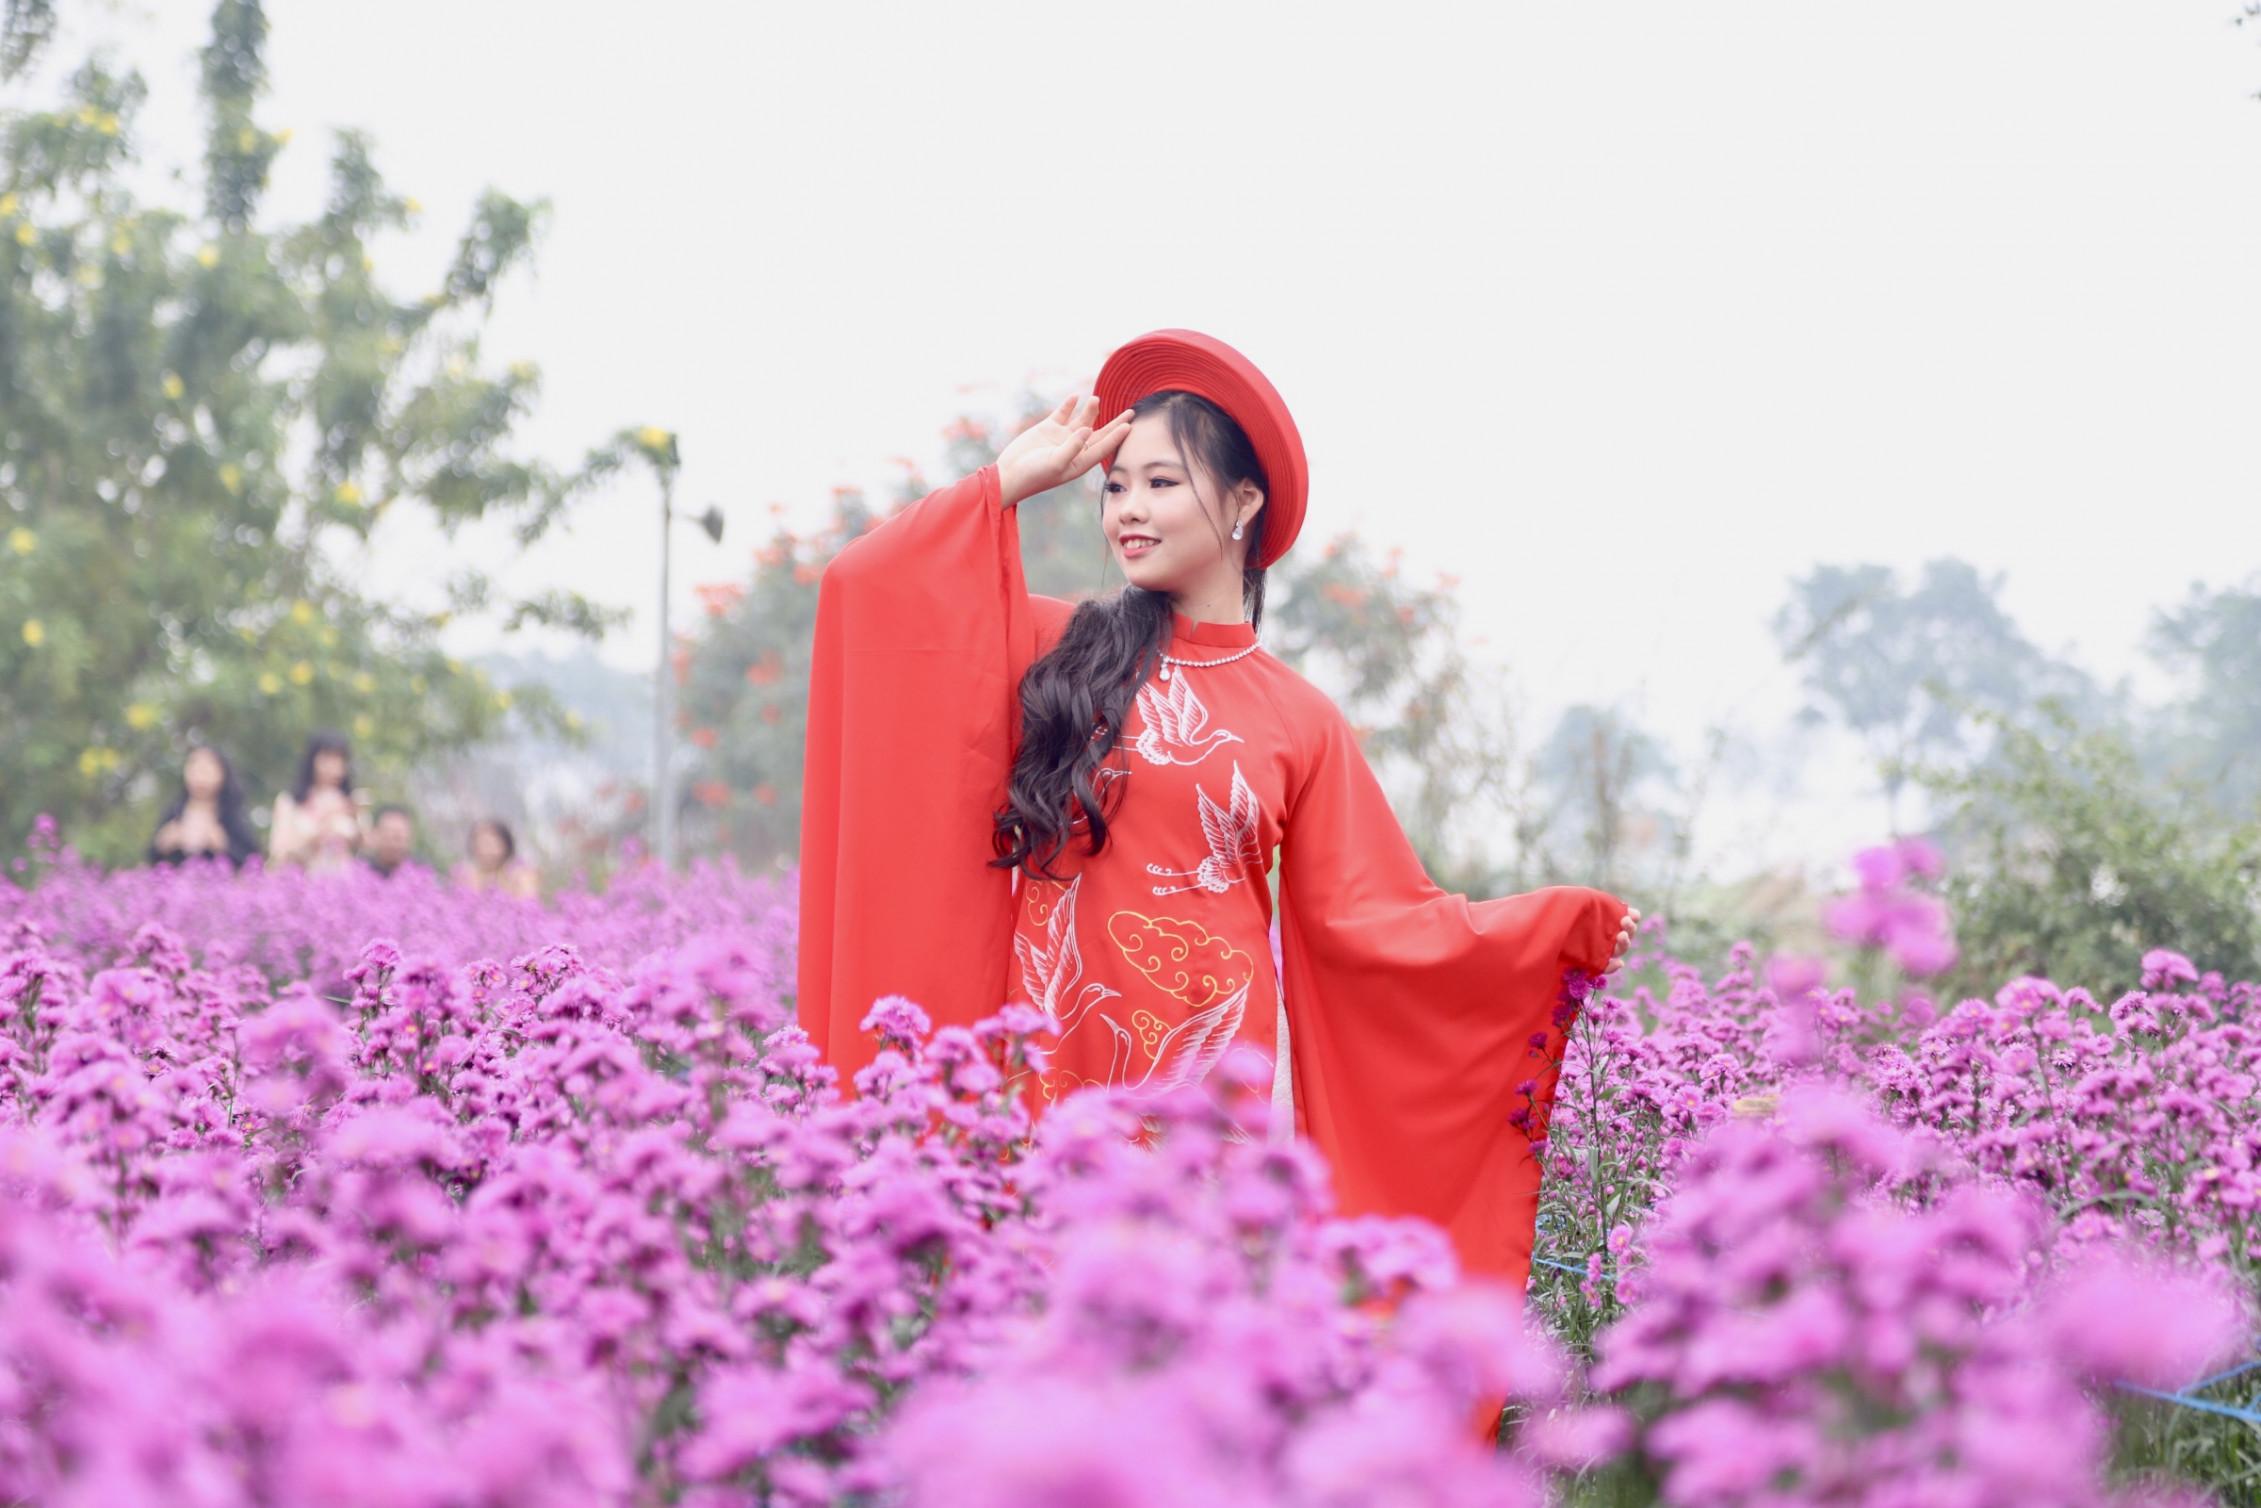 Trong bộ áo dài Quốc phục màu đỏ rực rỡ, mẫu nhí Đỗ Bảo Chi tạo dáng trên cánh đồng hoa tím. Trông cô bé giống như đang múa một điệu múa thần tiên. Bảo Chi sinh năm 2006, hiện sống tại Bắc Ninh. Với khuôn mặt xinh xắn, giọng hát hay và những bước catwalk tự tin, Bảo Chi nhận được rất nhiều lời mời trình diễn.